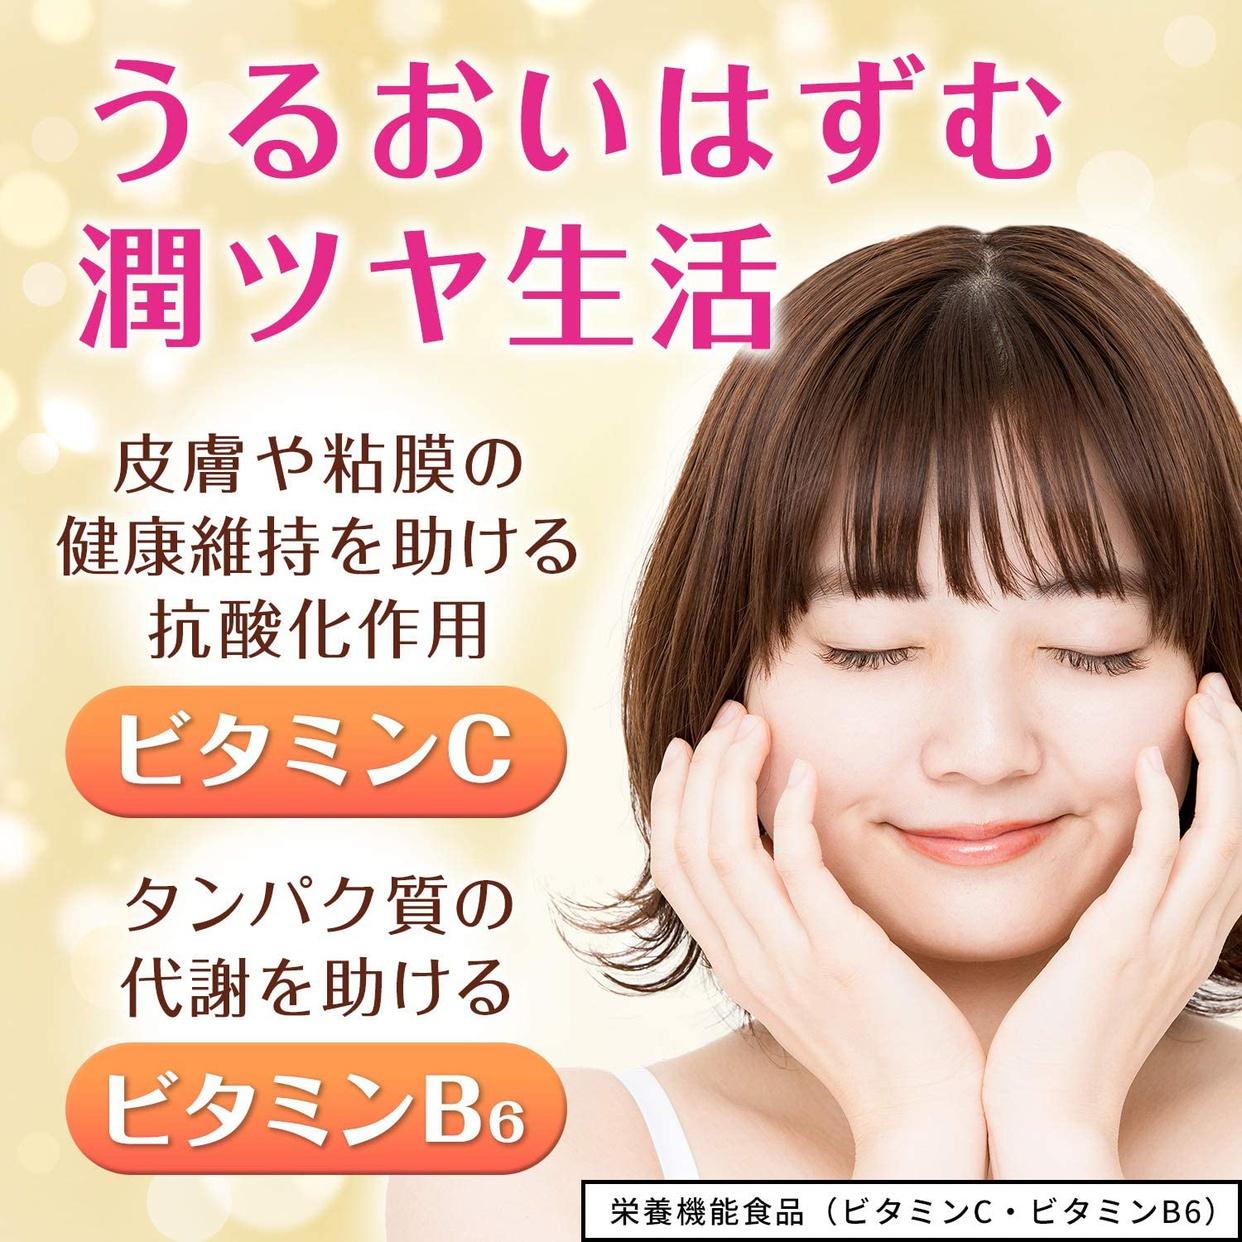 Eisai(エーザイ) 美 チョコラ コラーゲンの商品画像3